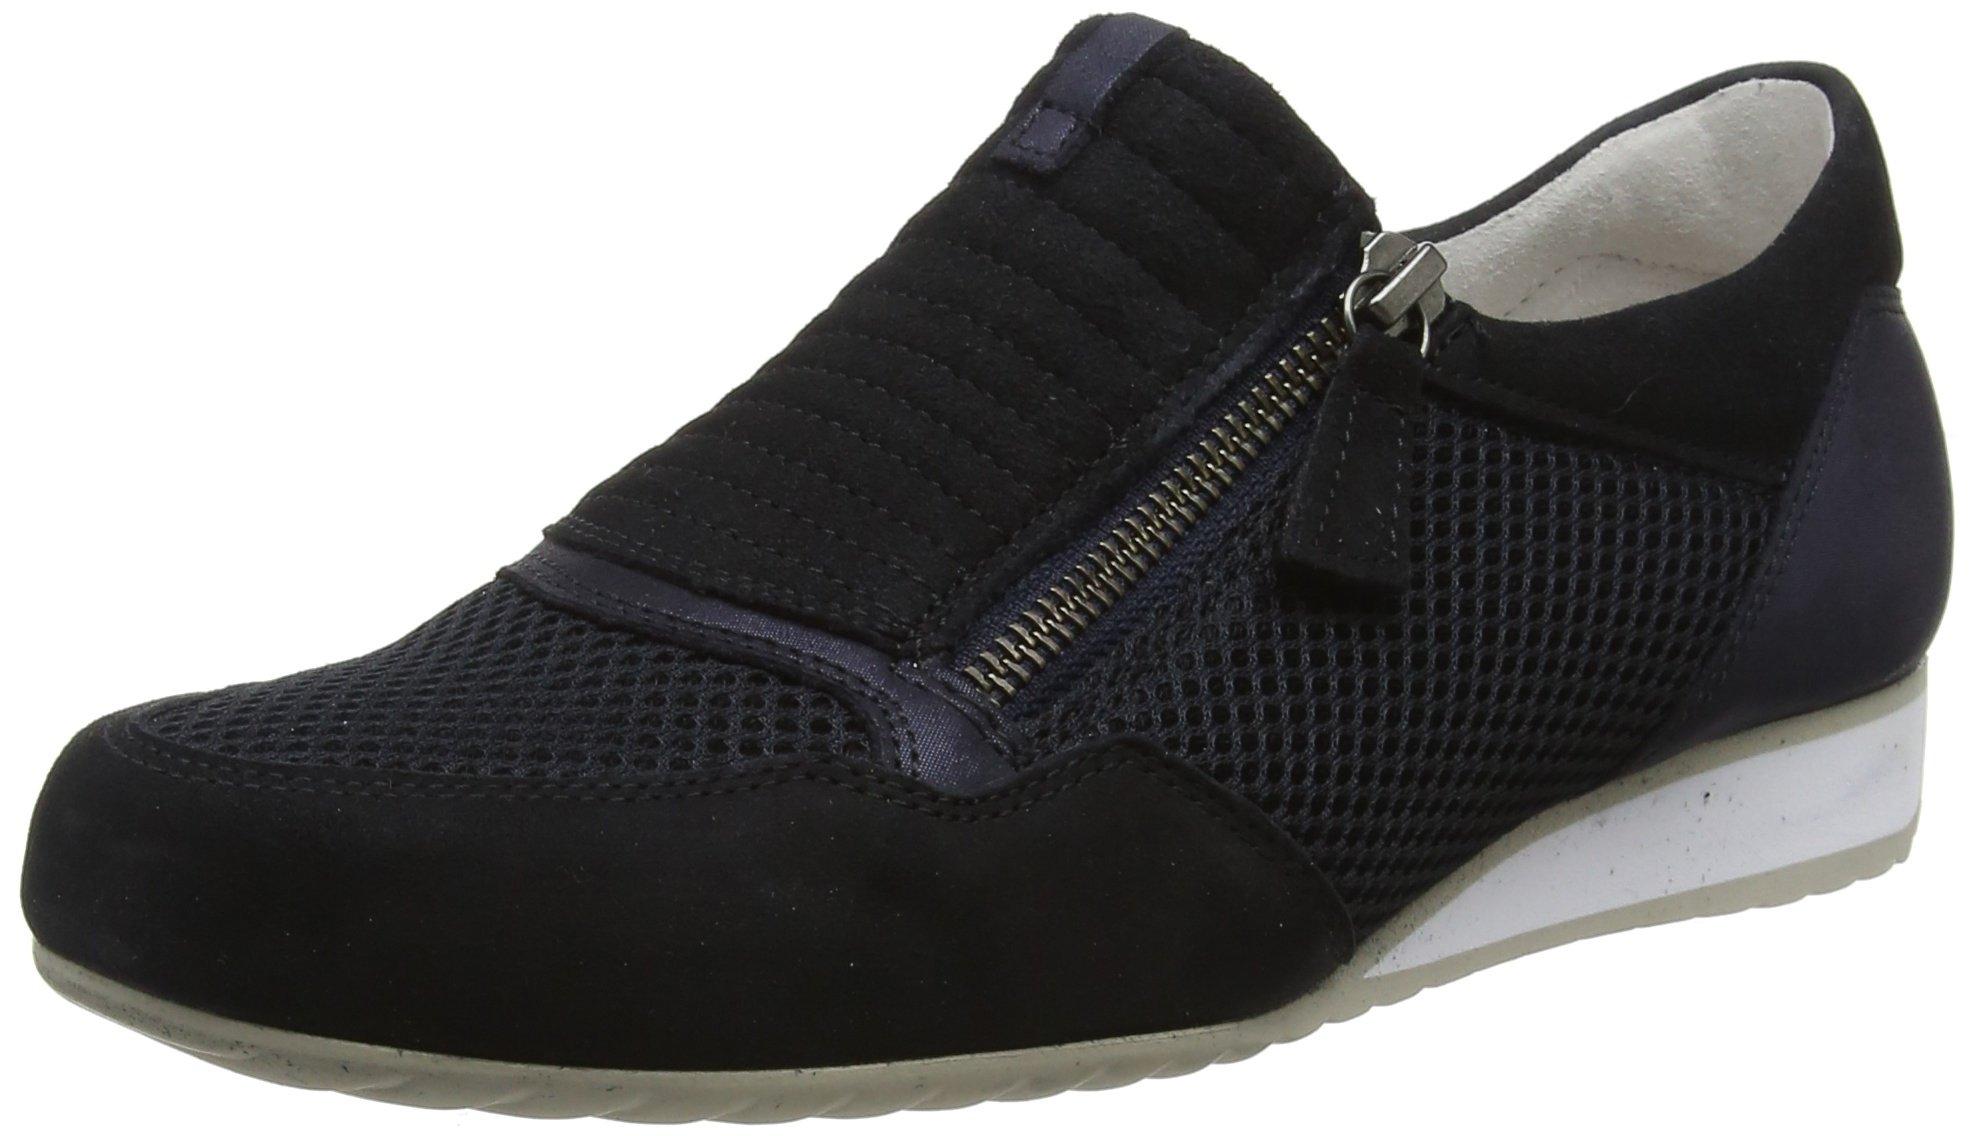 Shoes BasicDerbys Comfort FemmeBleunightblue38 Gabor Eu shQBrCxtdo